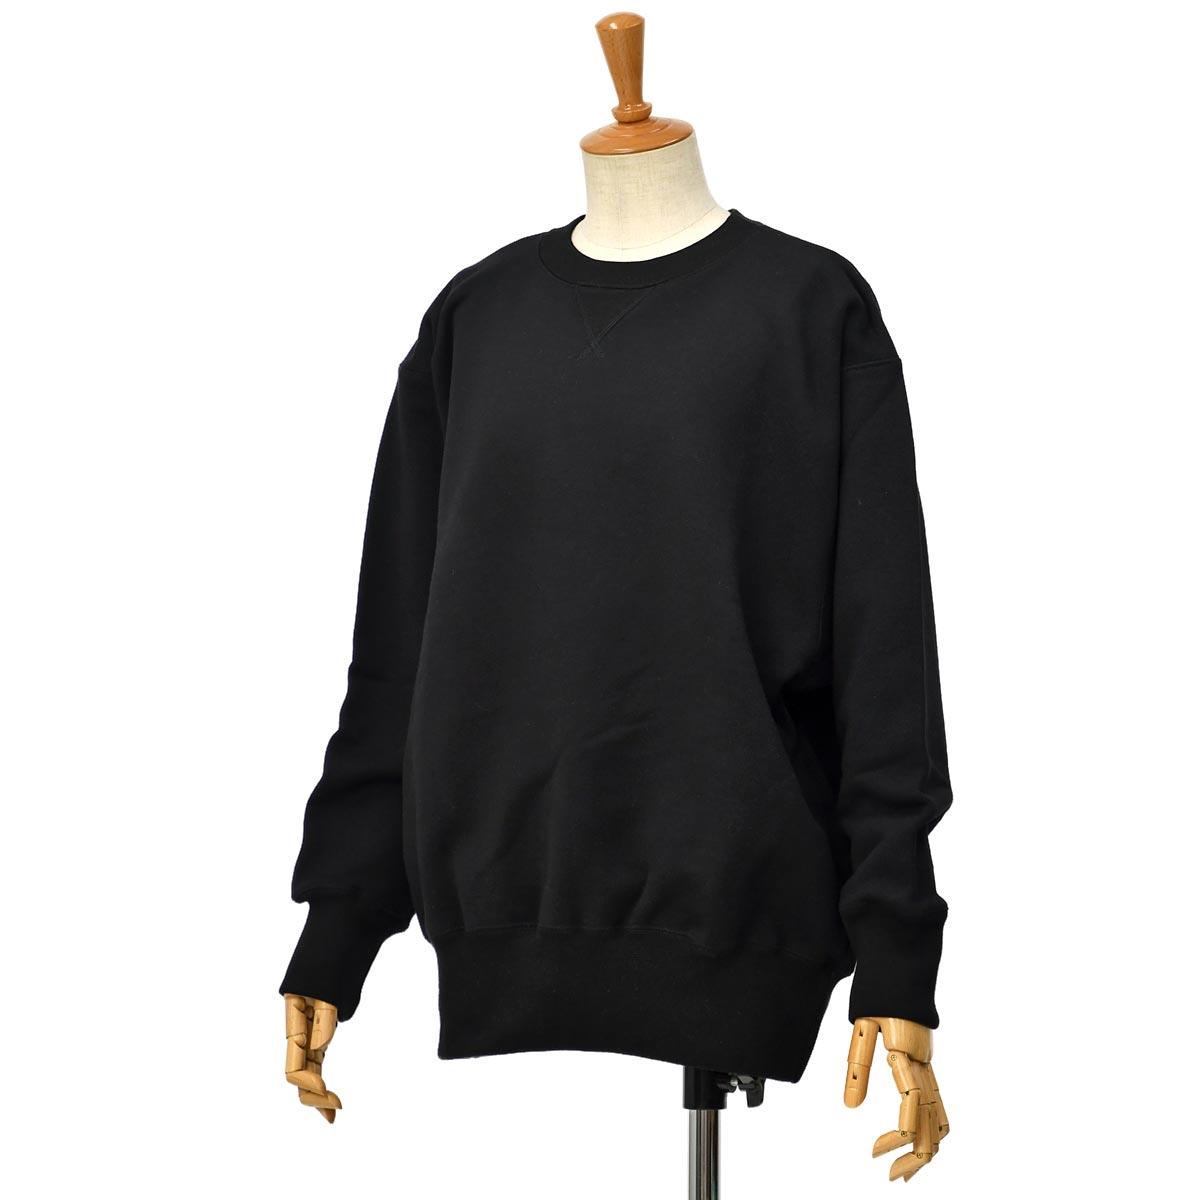 【30%OFF】【size1】Letroyes【ルトロア/ルトロワ】スウェット MARC LTC018 Noir コットン ブラック